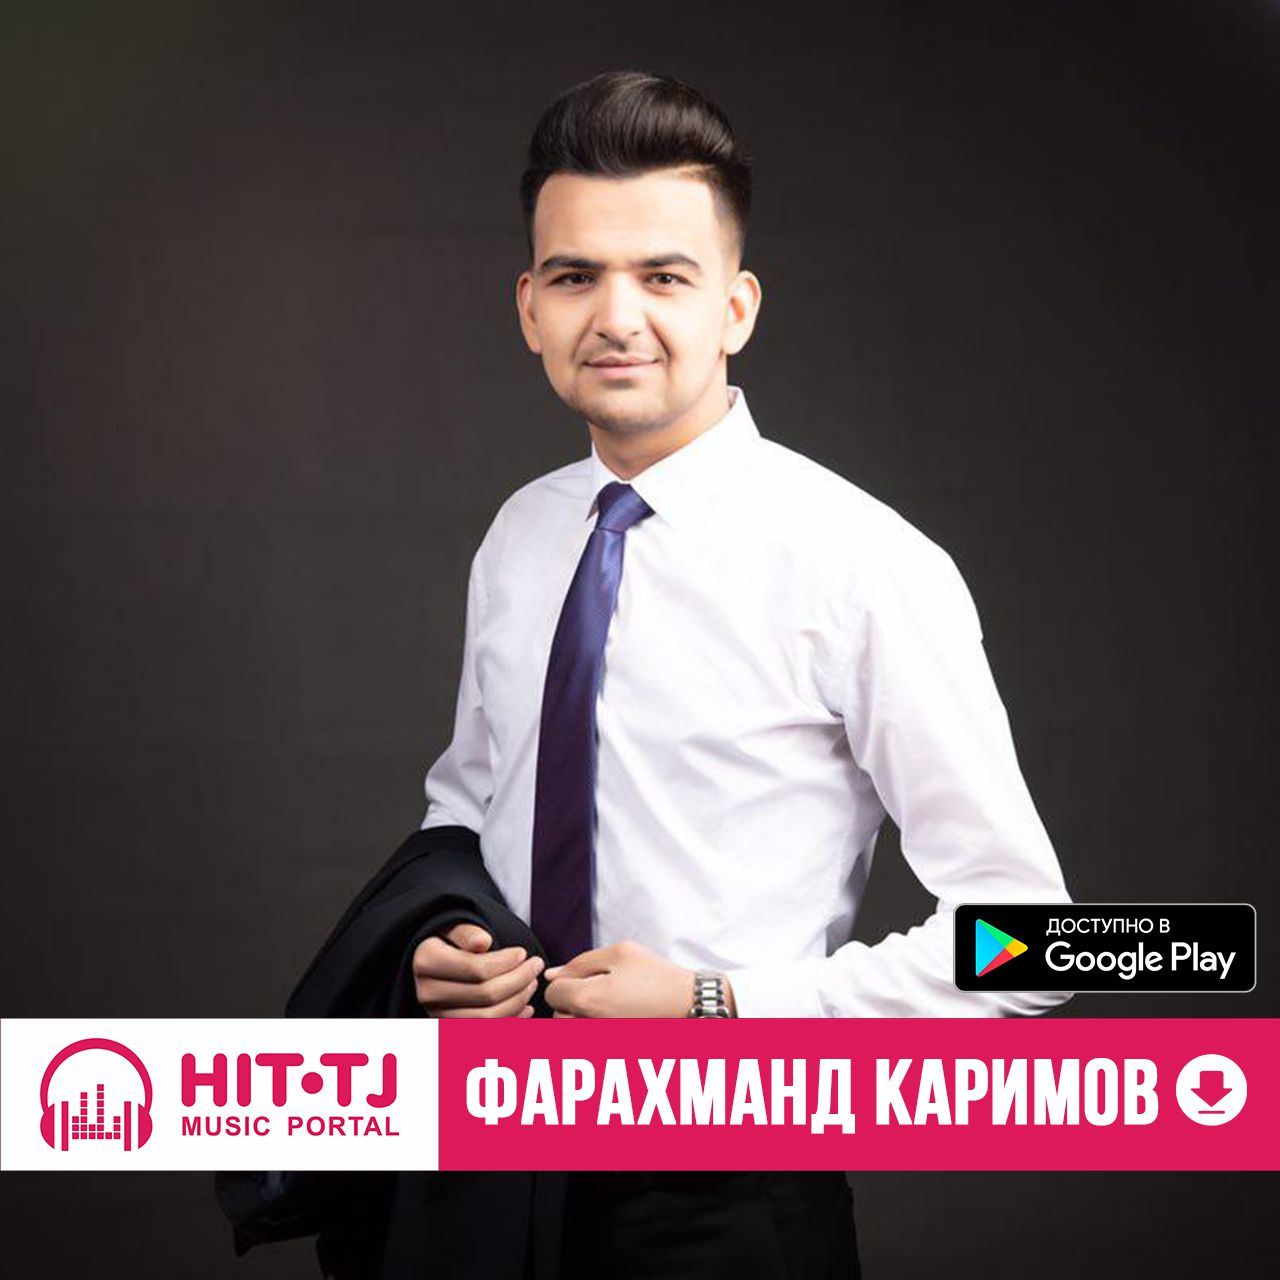 фарахманд каримов mp3